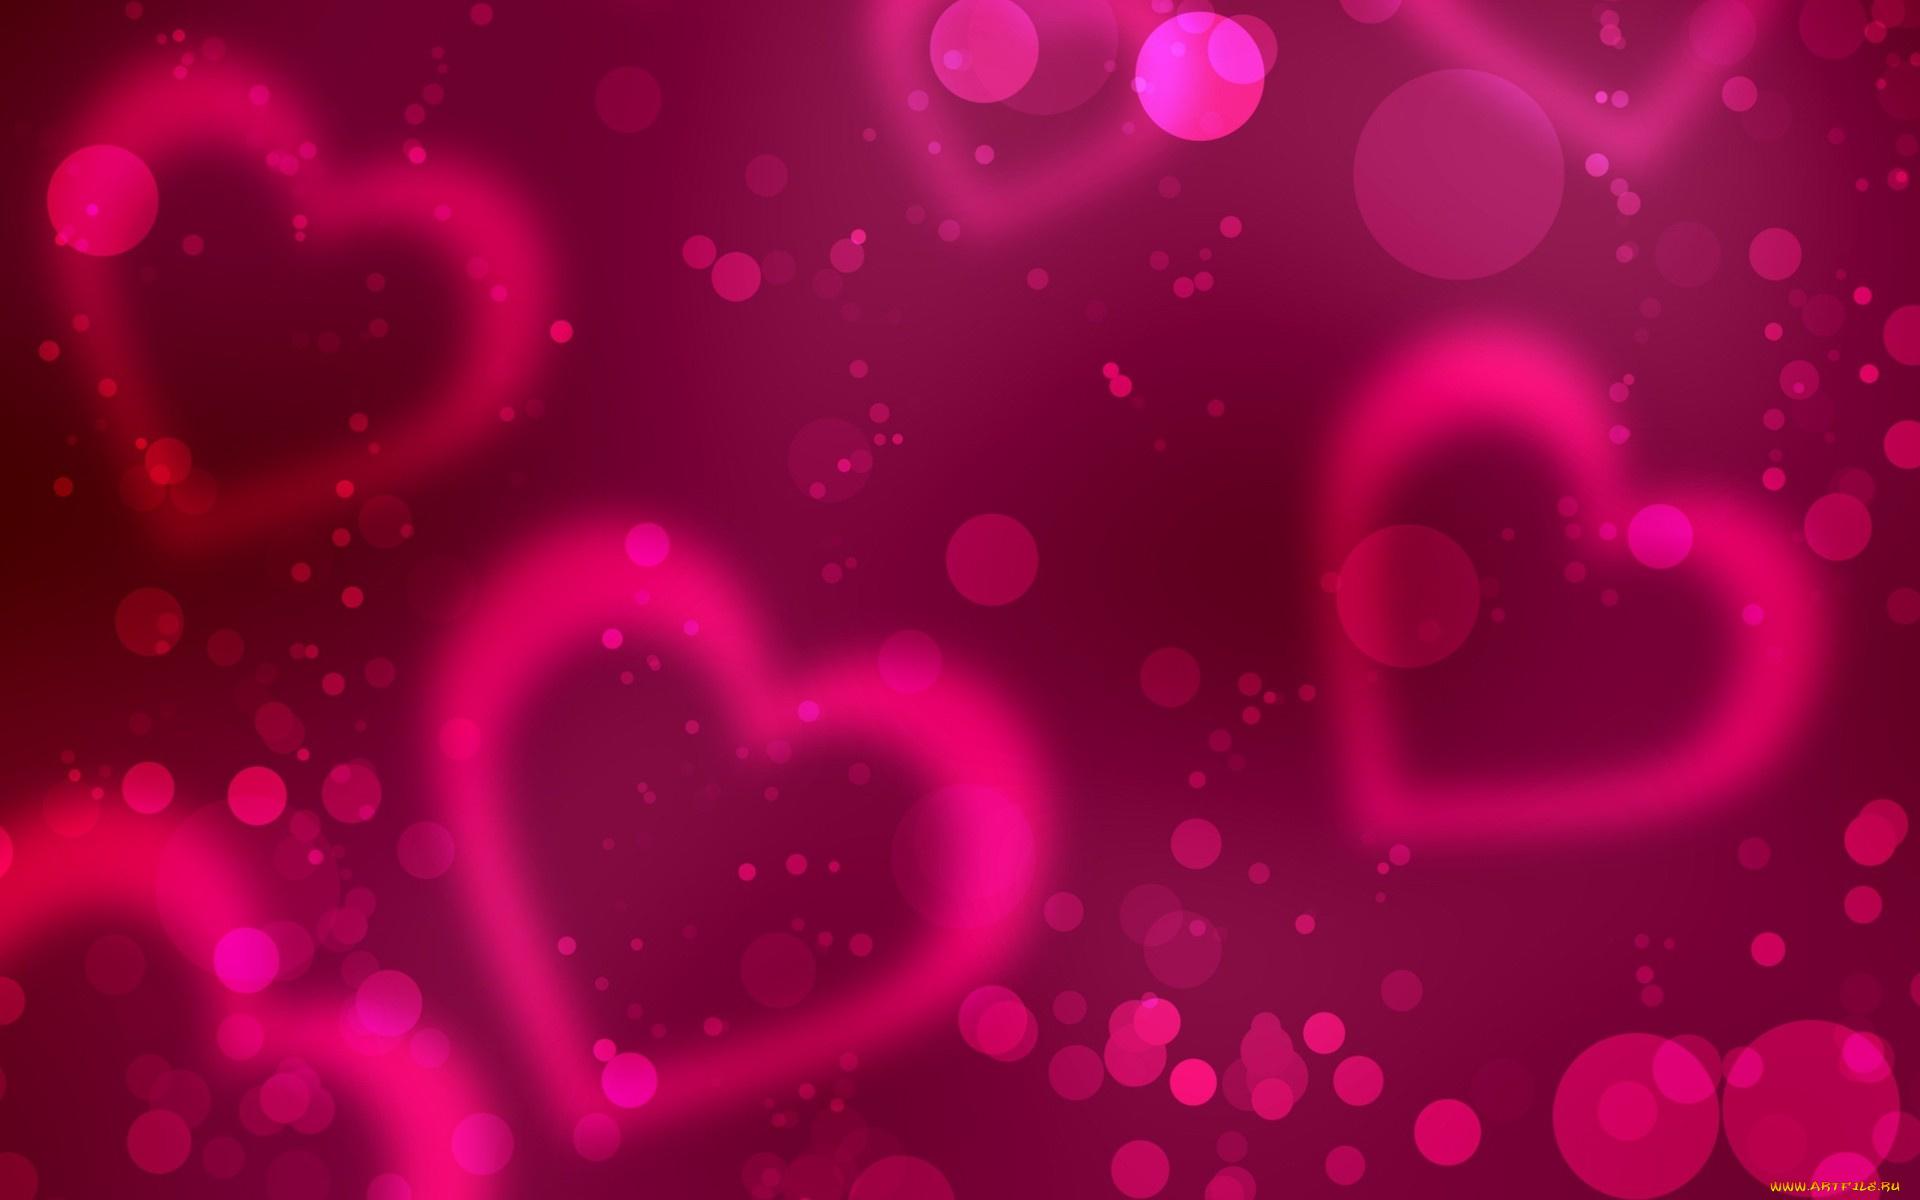 Картинки для фотошопа любовь романтика, поздравления